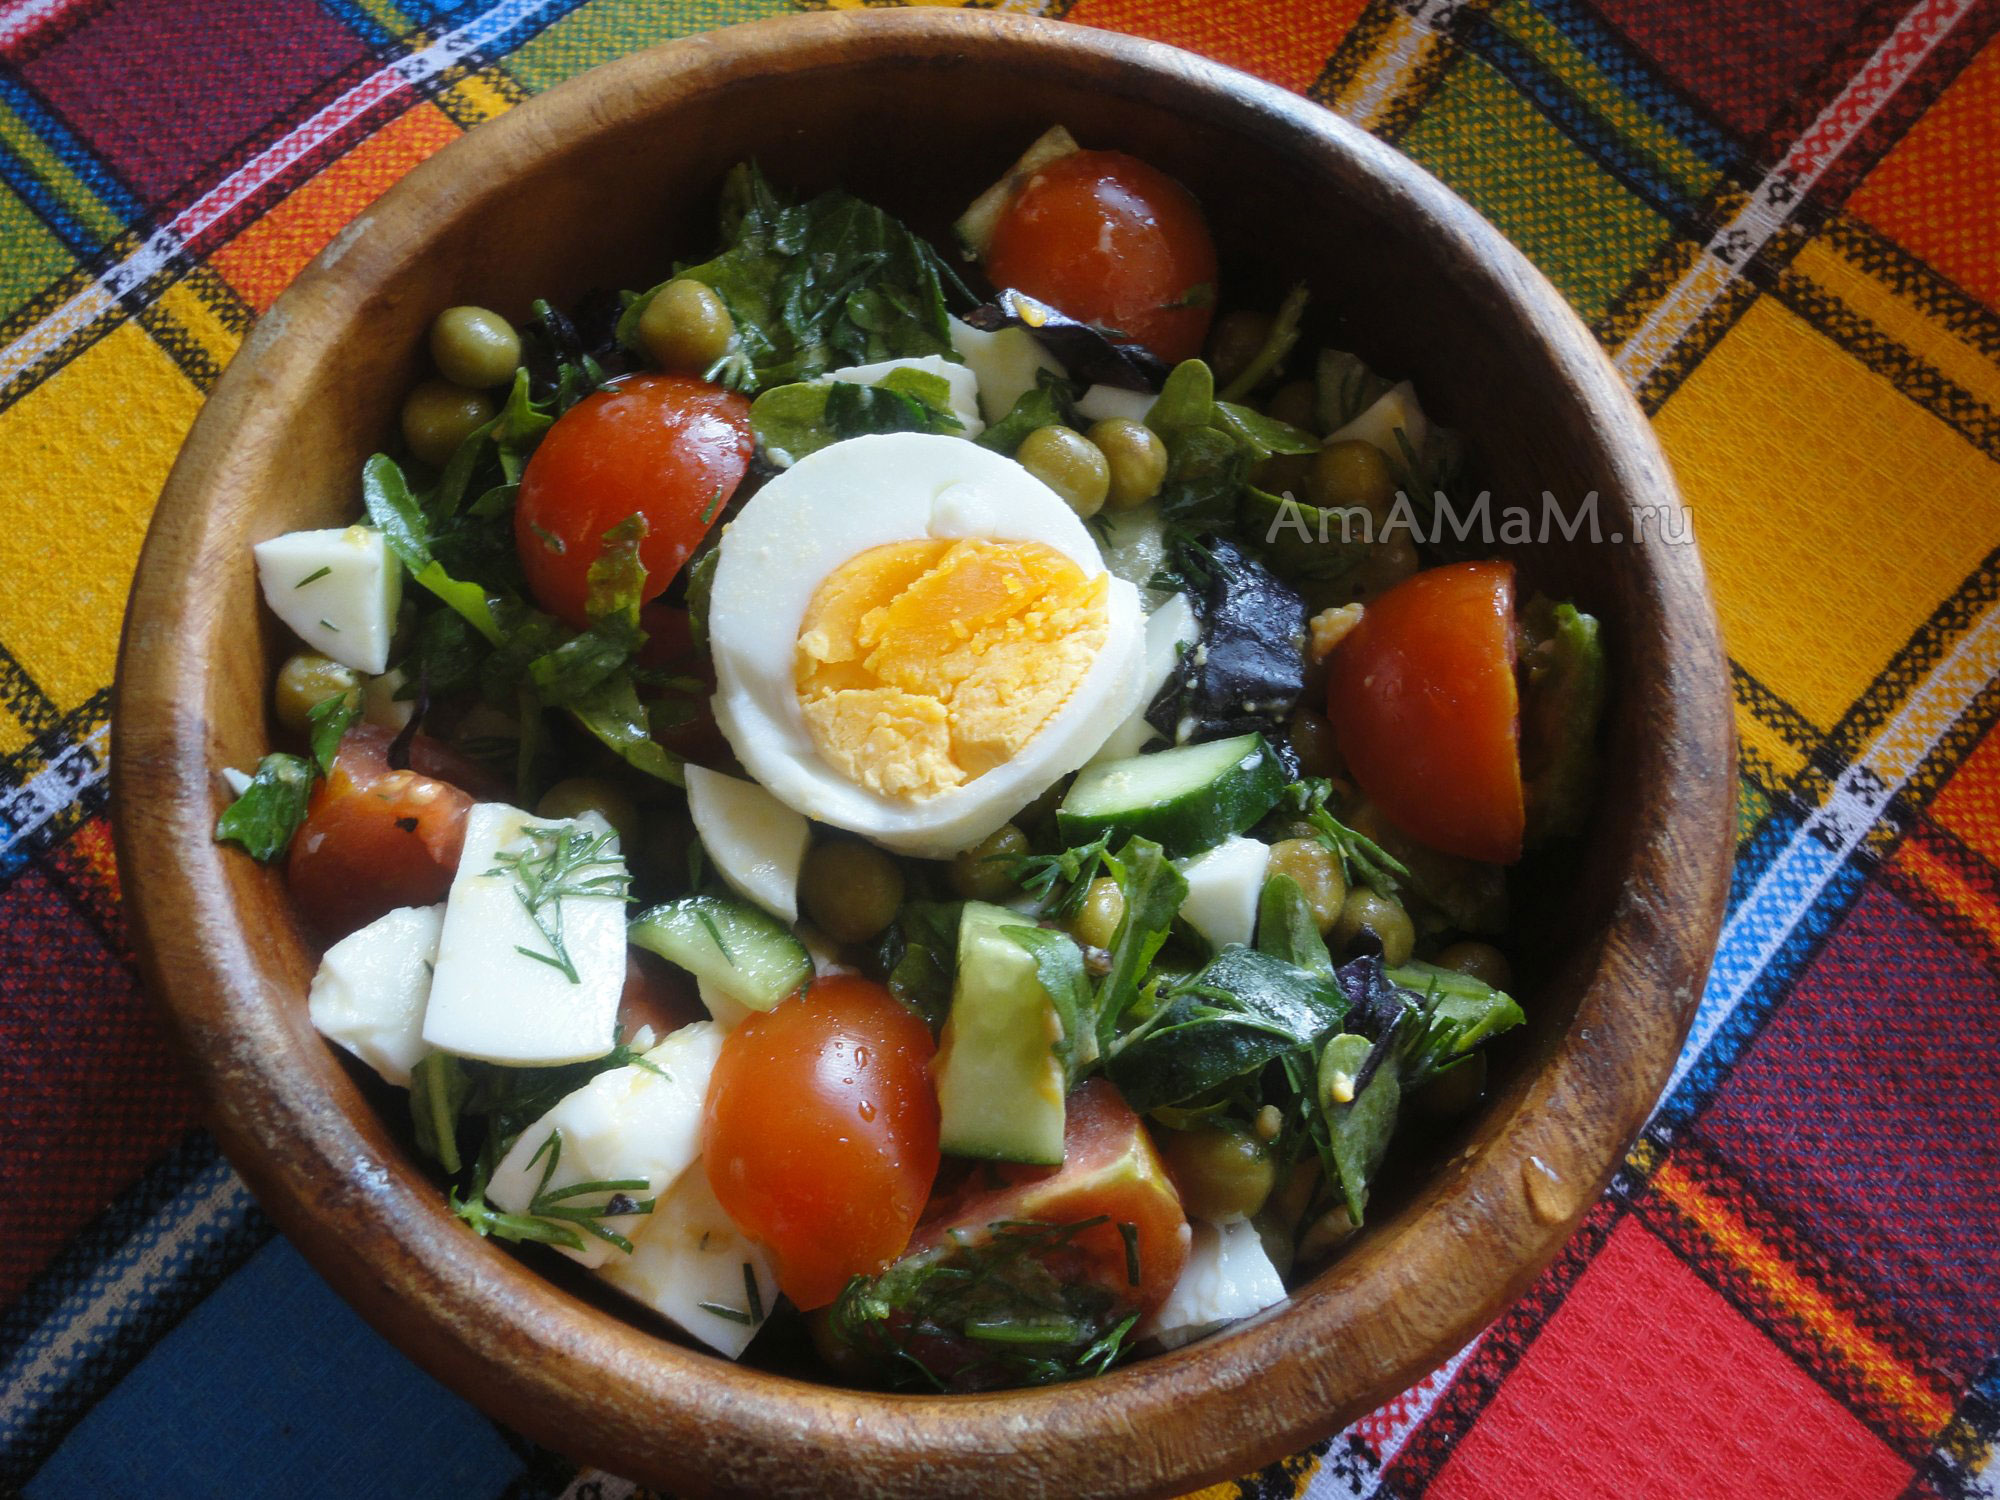 рецепты салатов с шампиньонами и колбасой рецепт